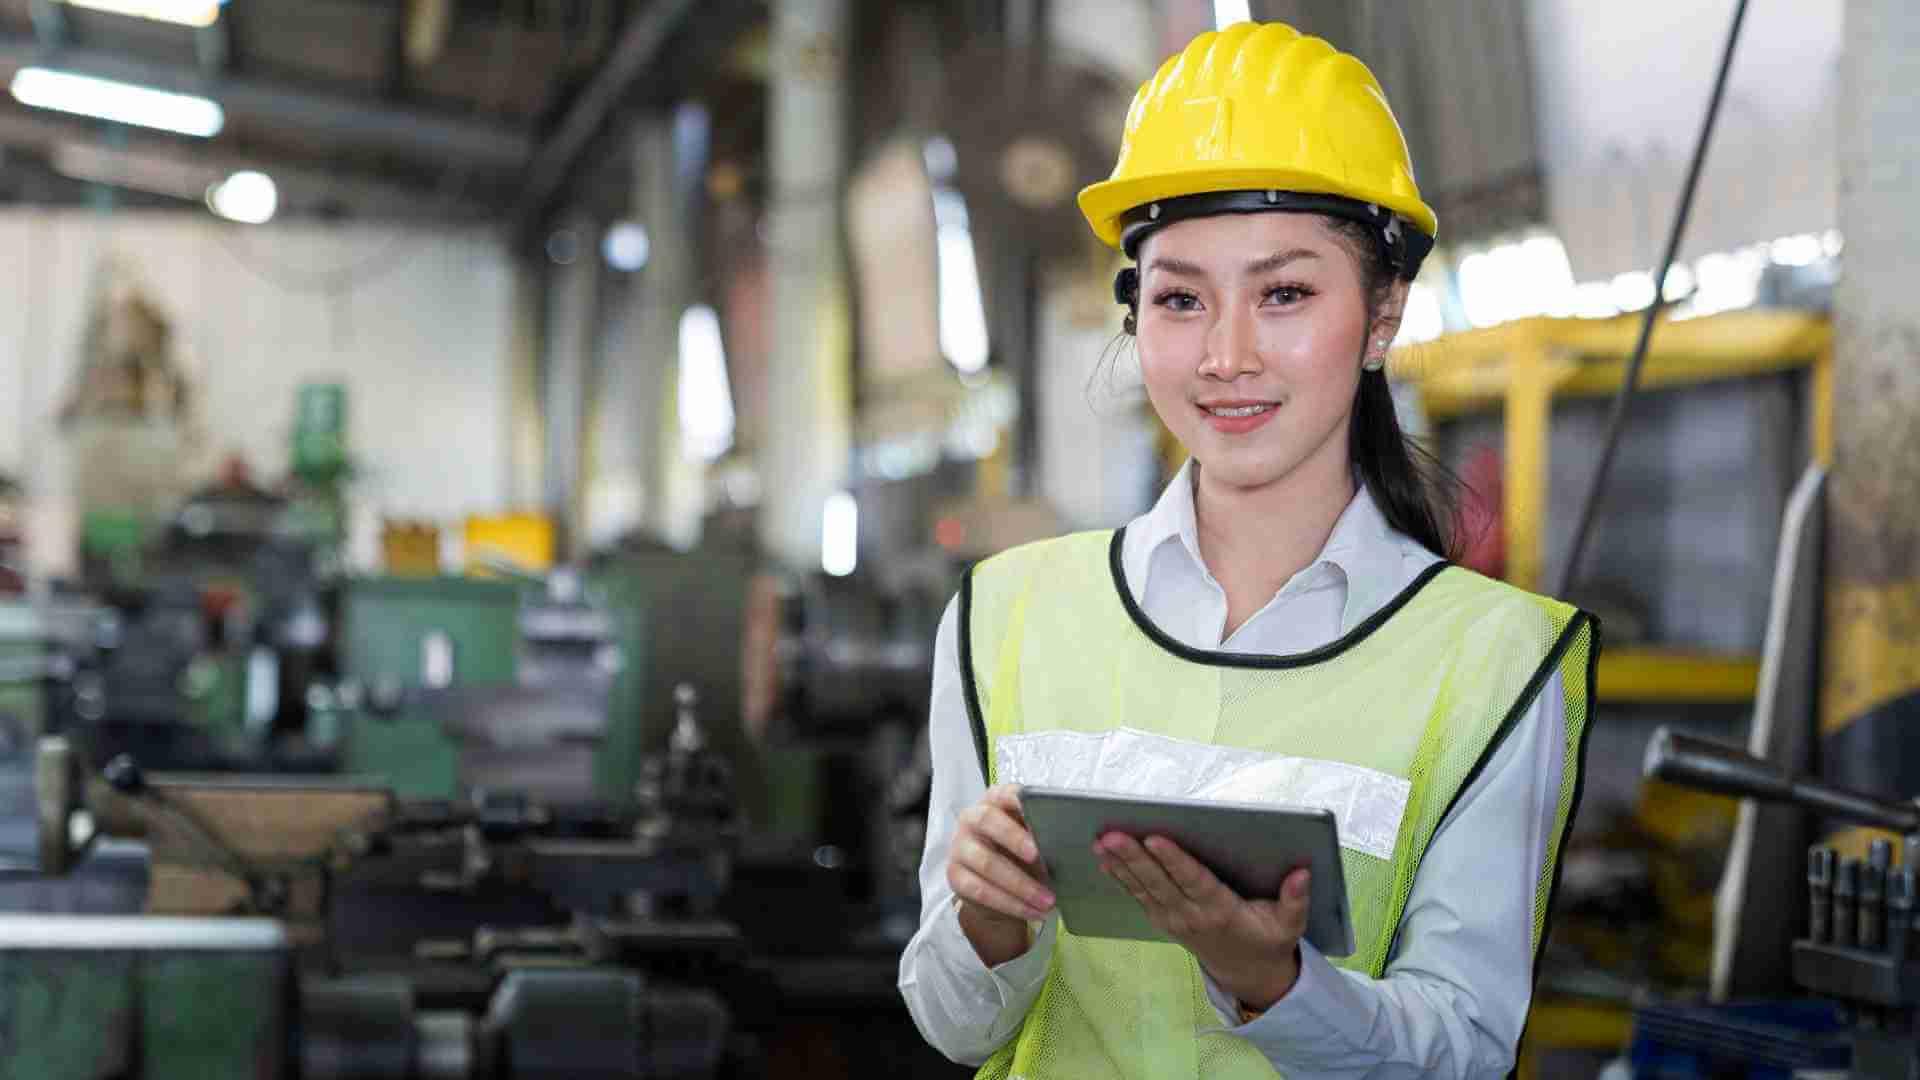 Beneficios de un Software - Con Acumatica su empresa automatiza todos los procesos de manufactura al automatizar acciones manuales y que el sistema sugiera materiales , te permite planear los requerimiento